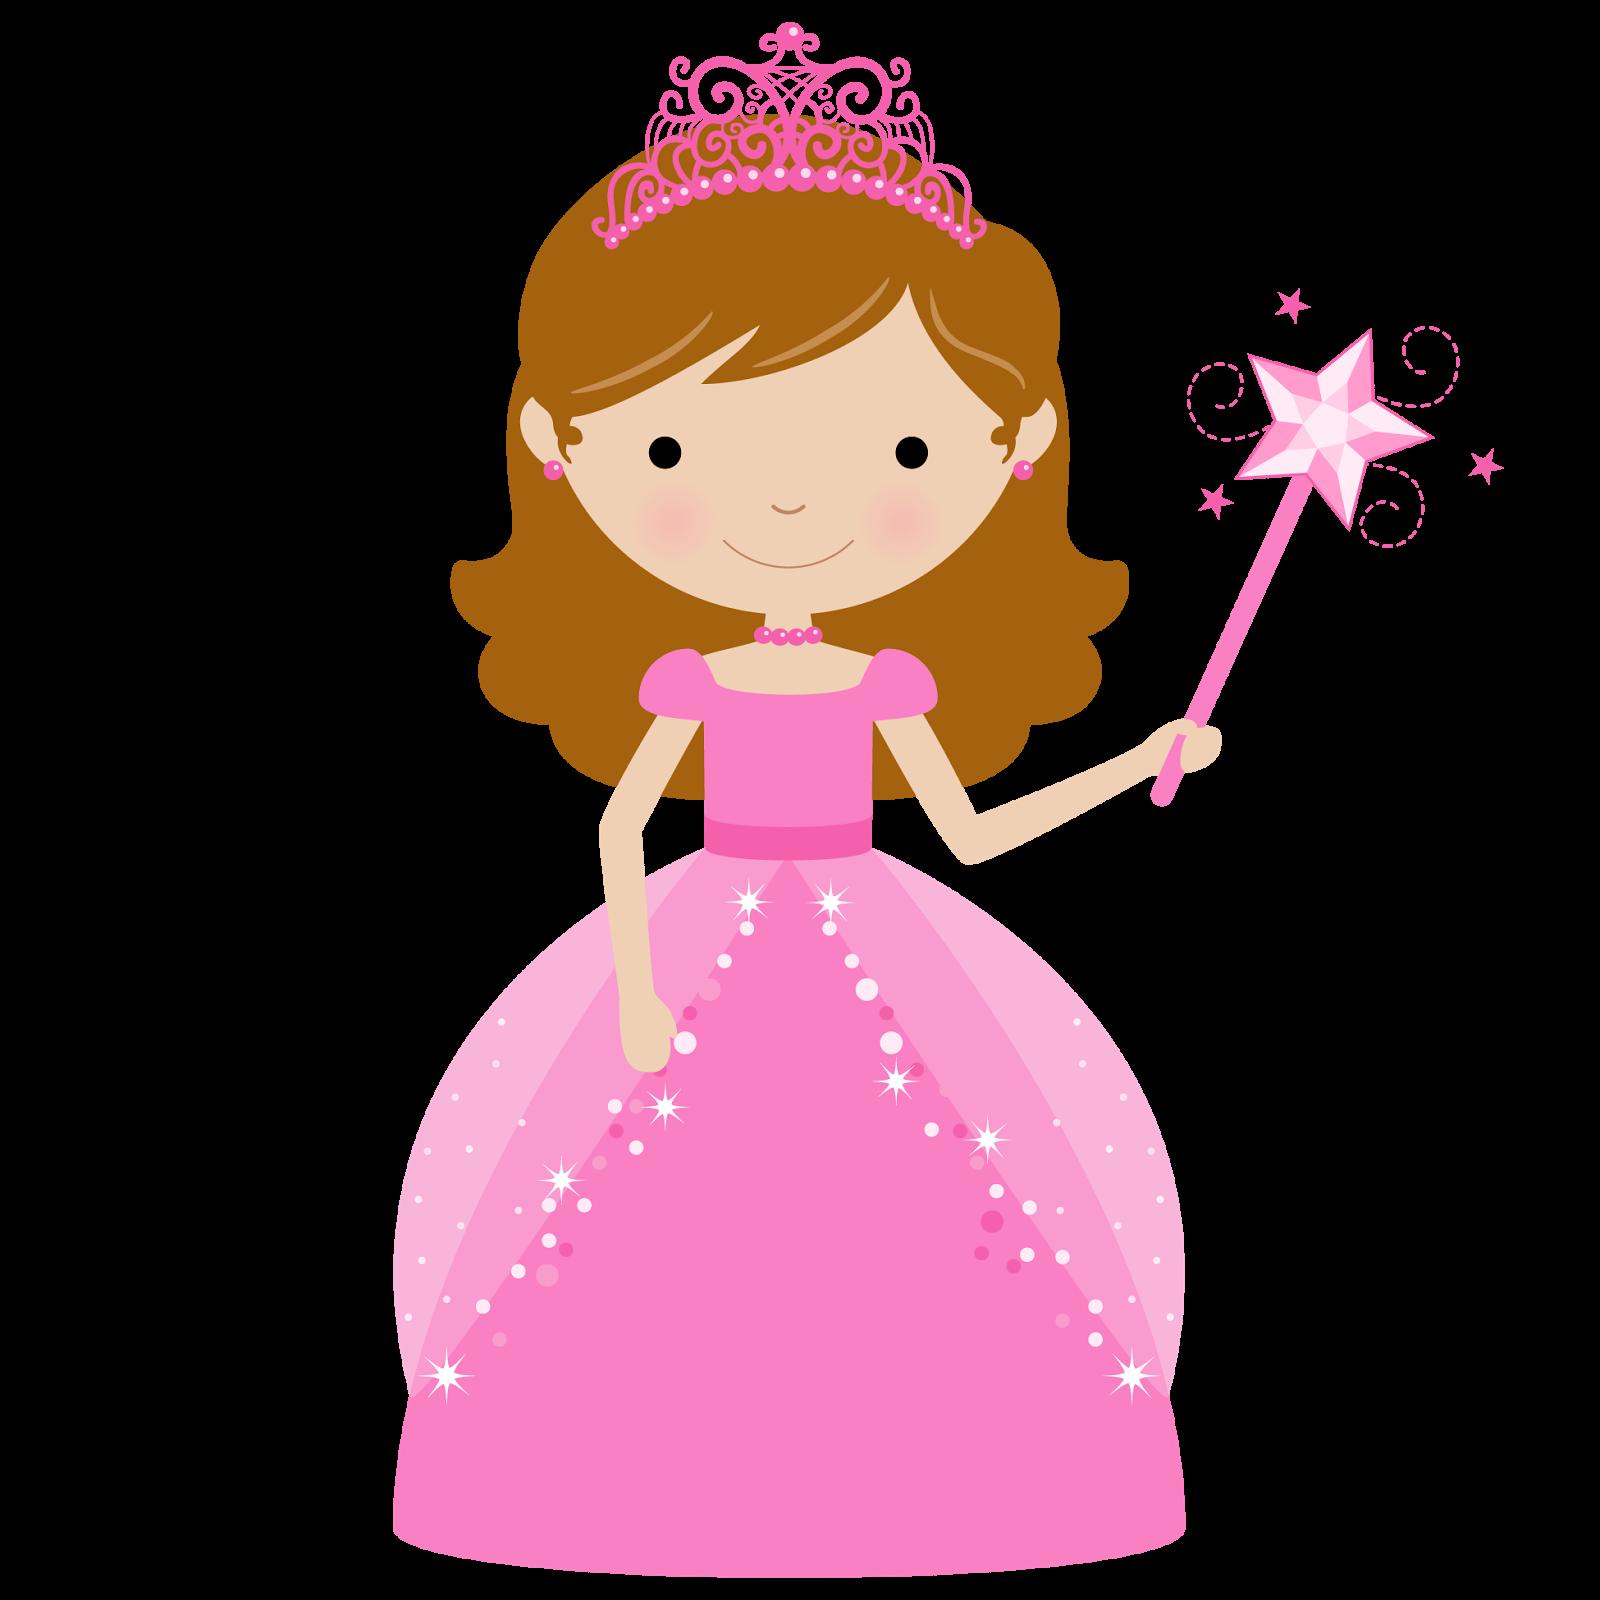 Princes crown for girls clipart for girls graphic stock SGBlogosfera. María José Argüeso: PRINCESAS ENCANTADAS | PRINCESITAS ... graphic stock